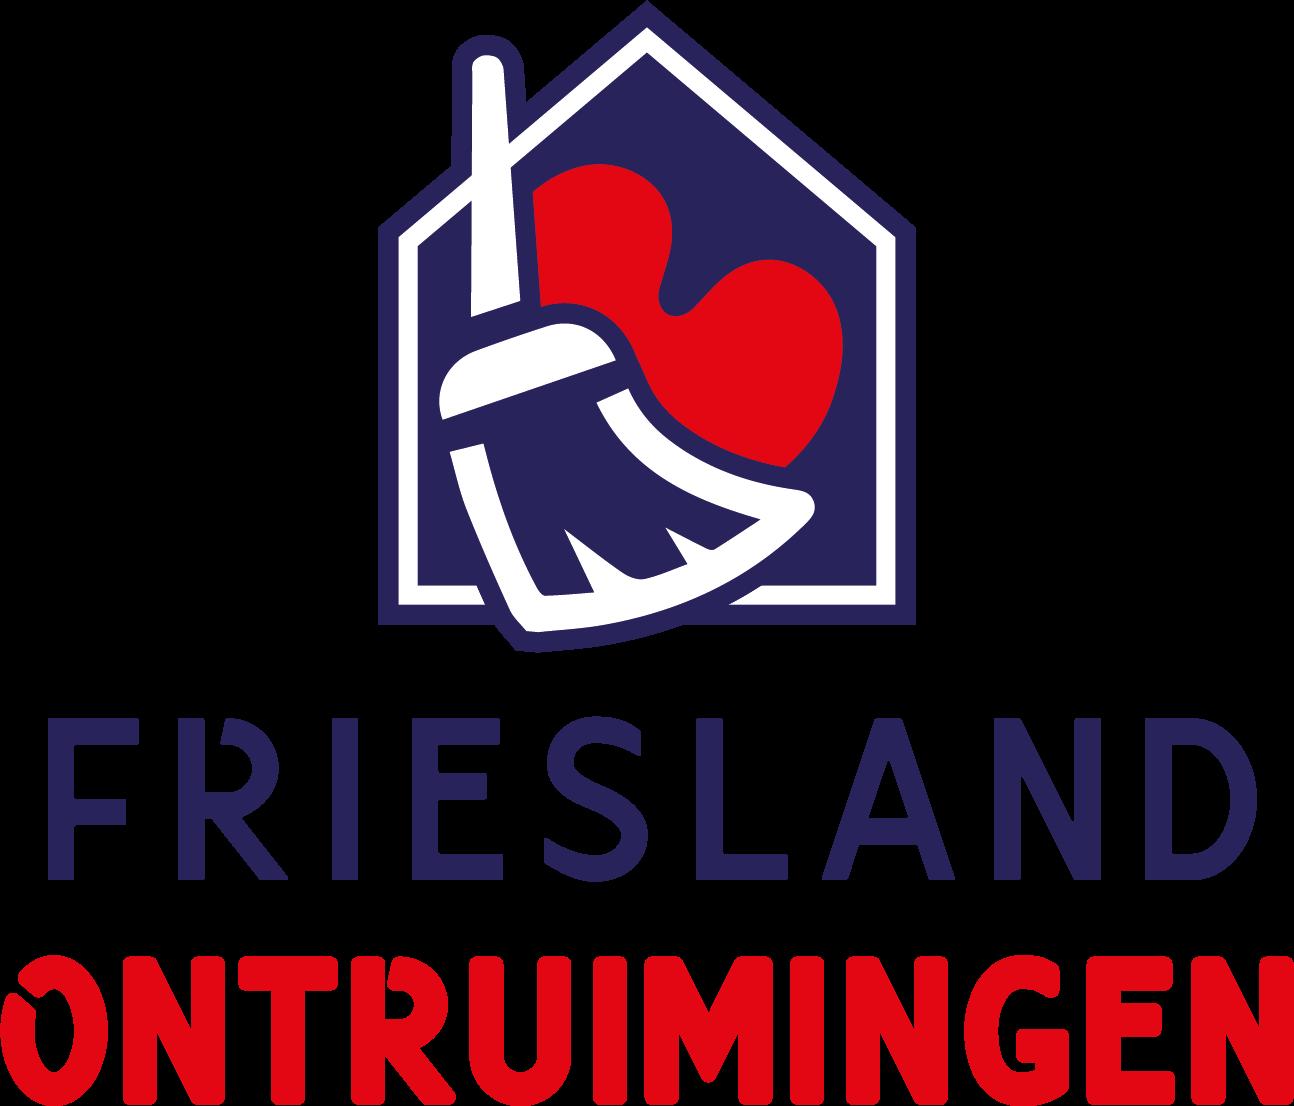 Friesland Ontruimingen